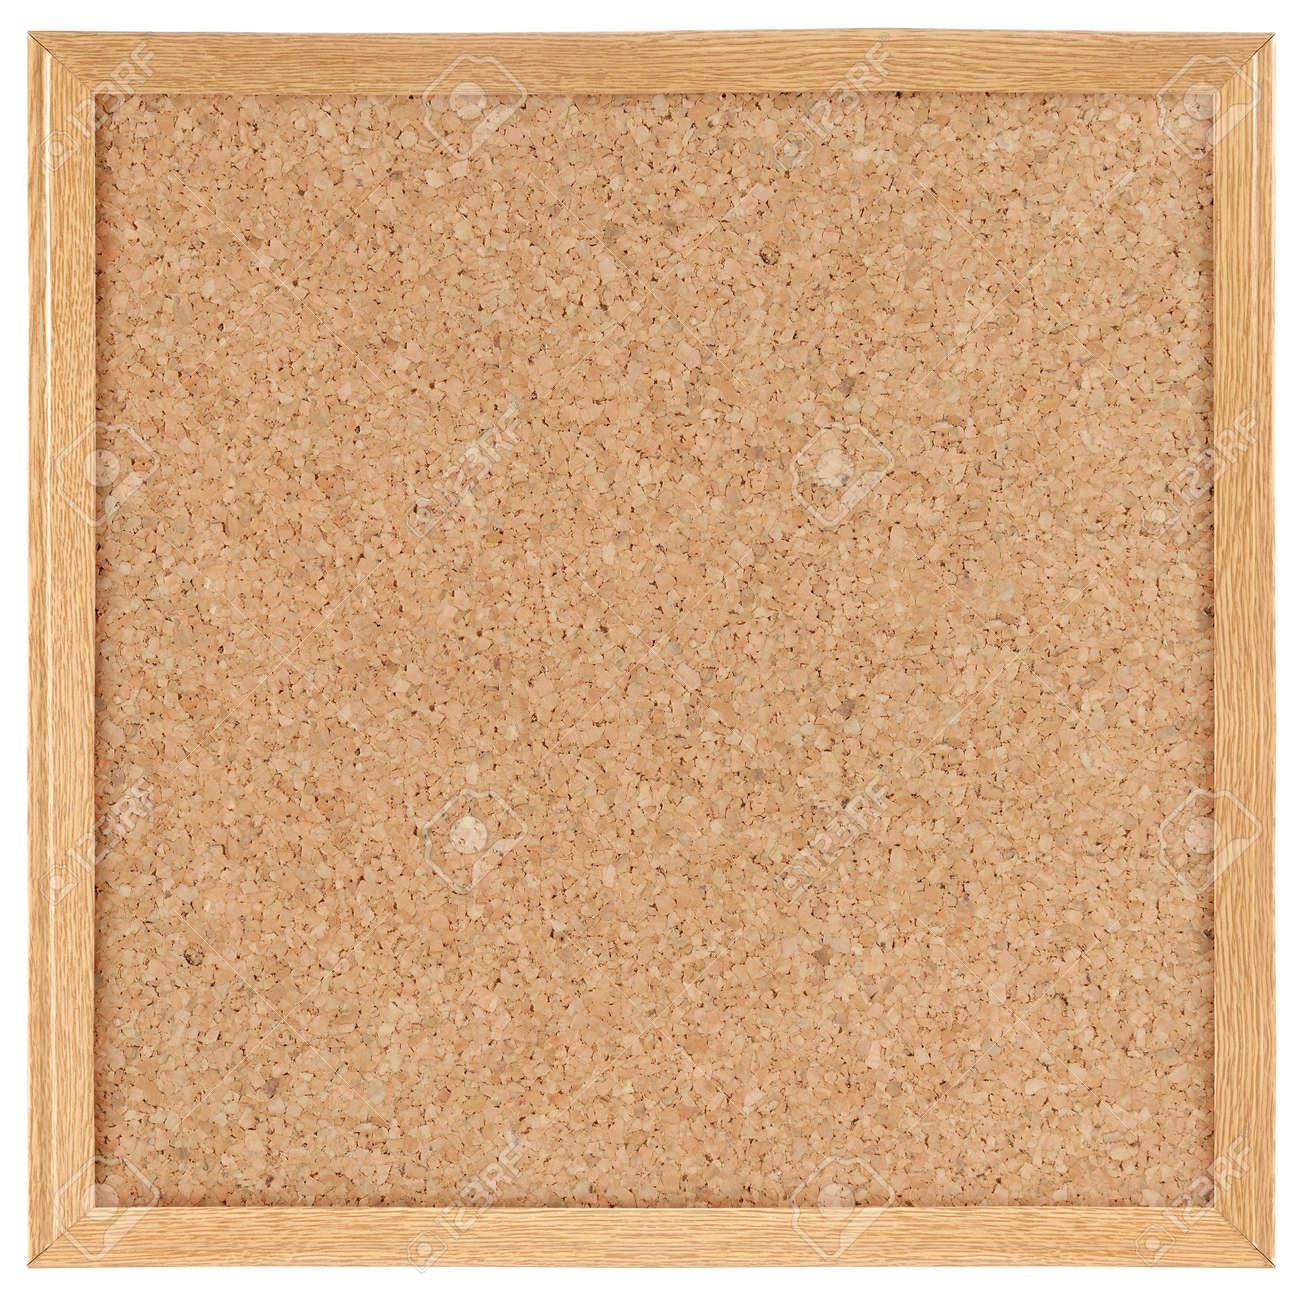 square cork board. isolated over white Standard-Bild - 9686739